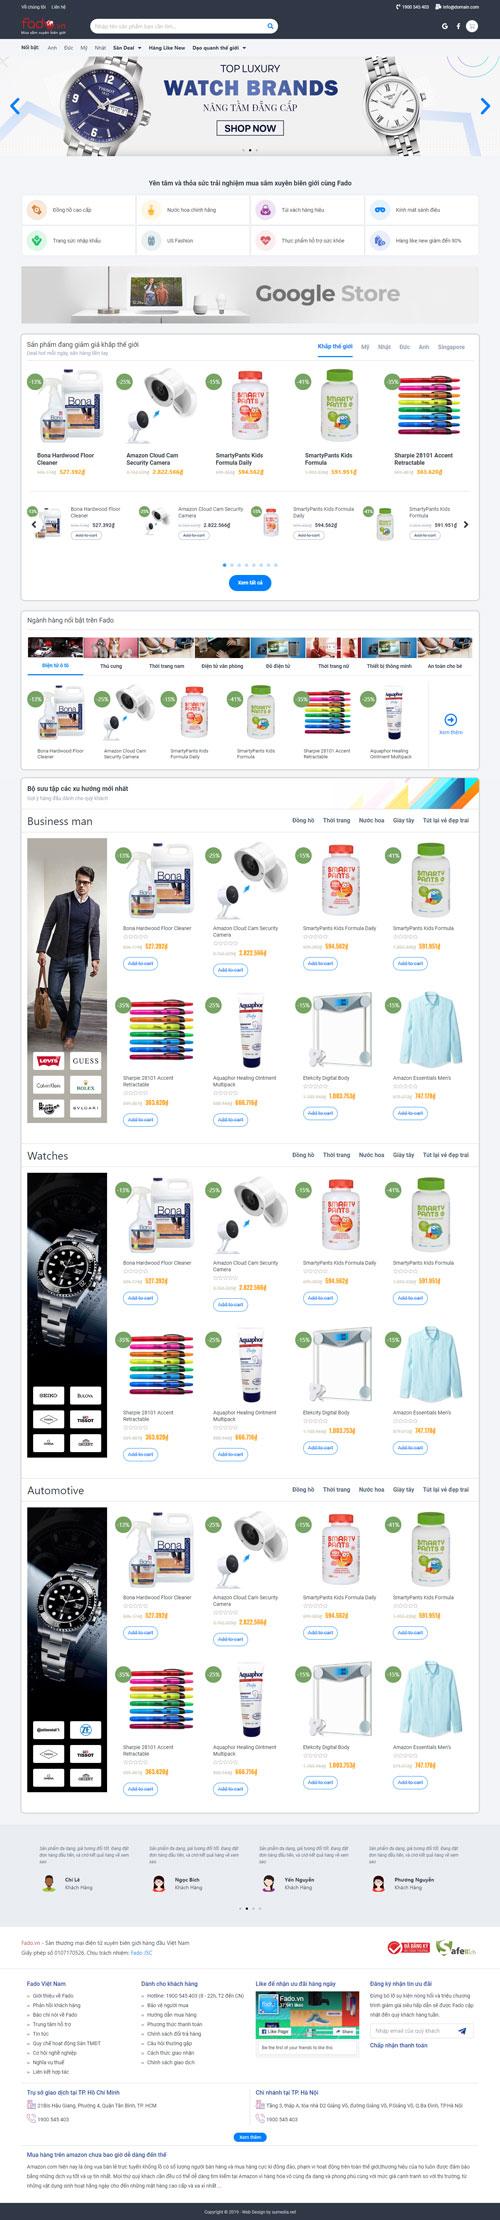 Website bán hàng thương mại điện tử 1